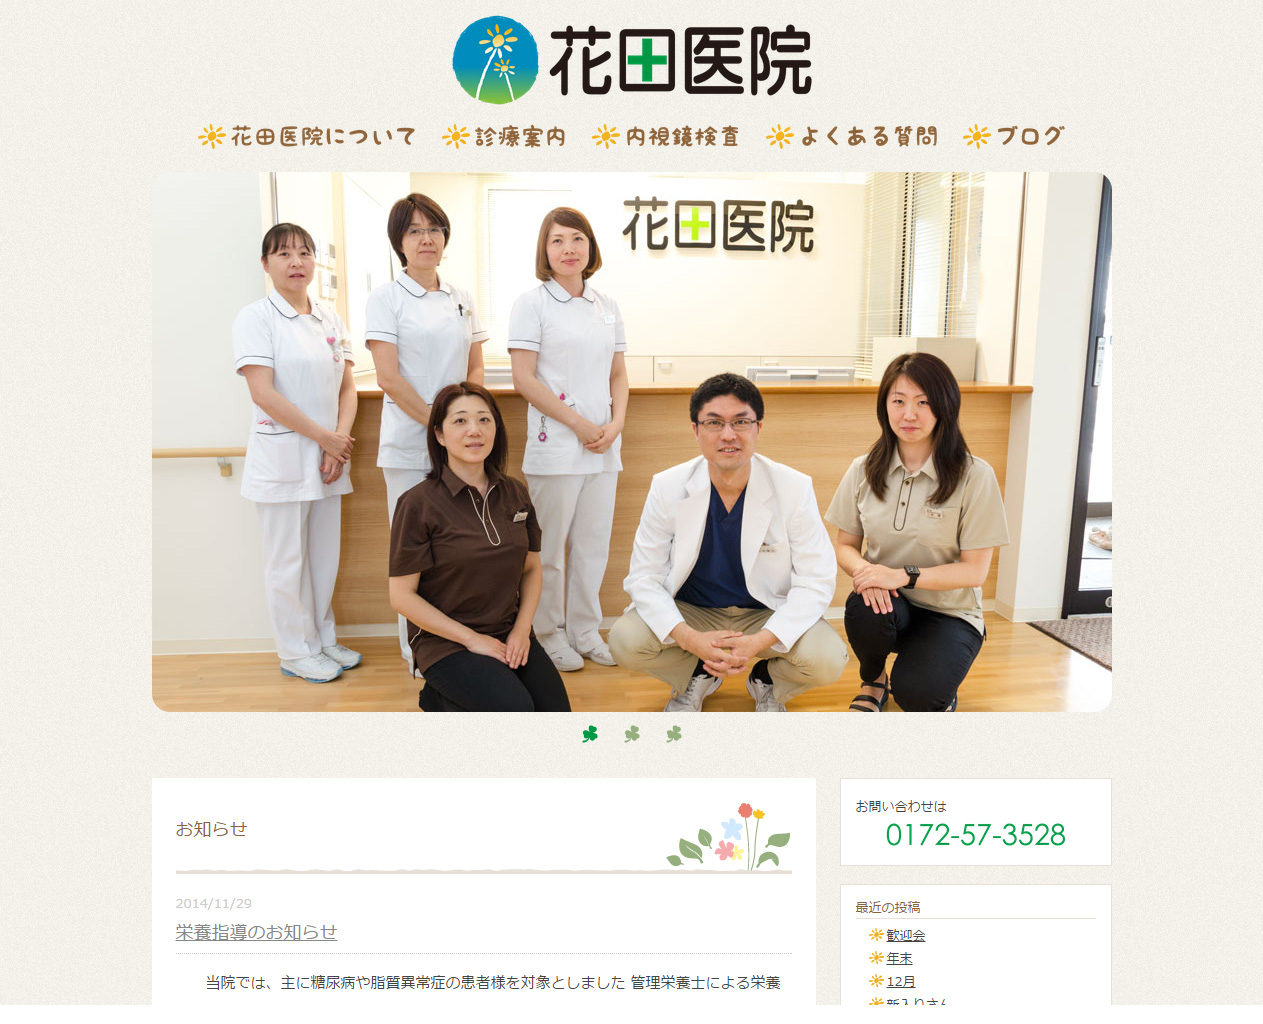 花田医院 様 ホームページ